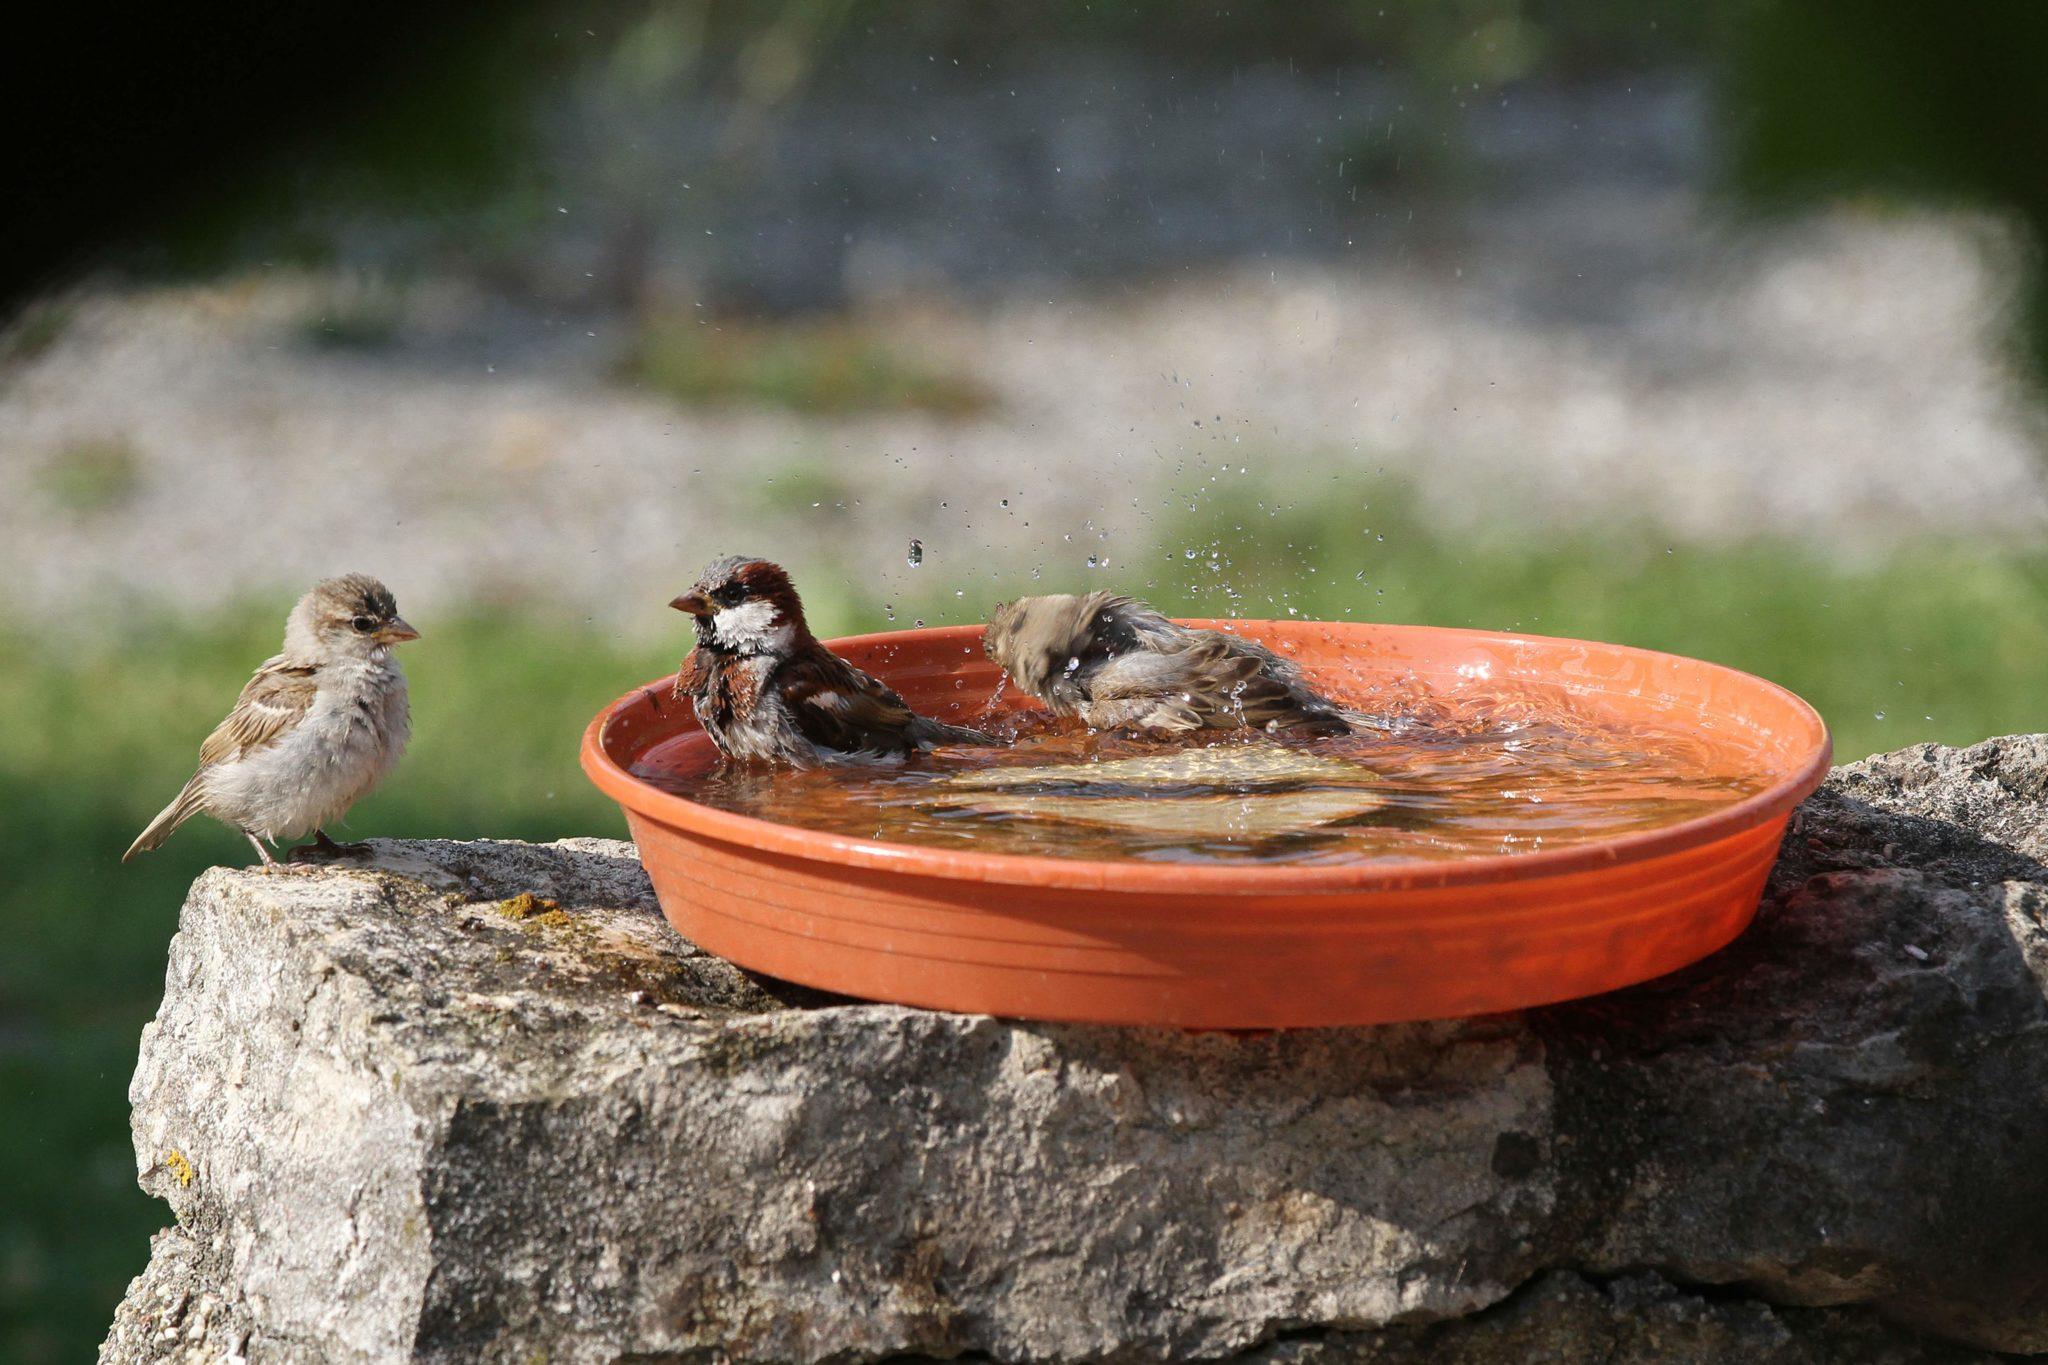 Vrabci koupající se v misce s vodou